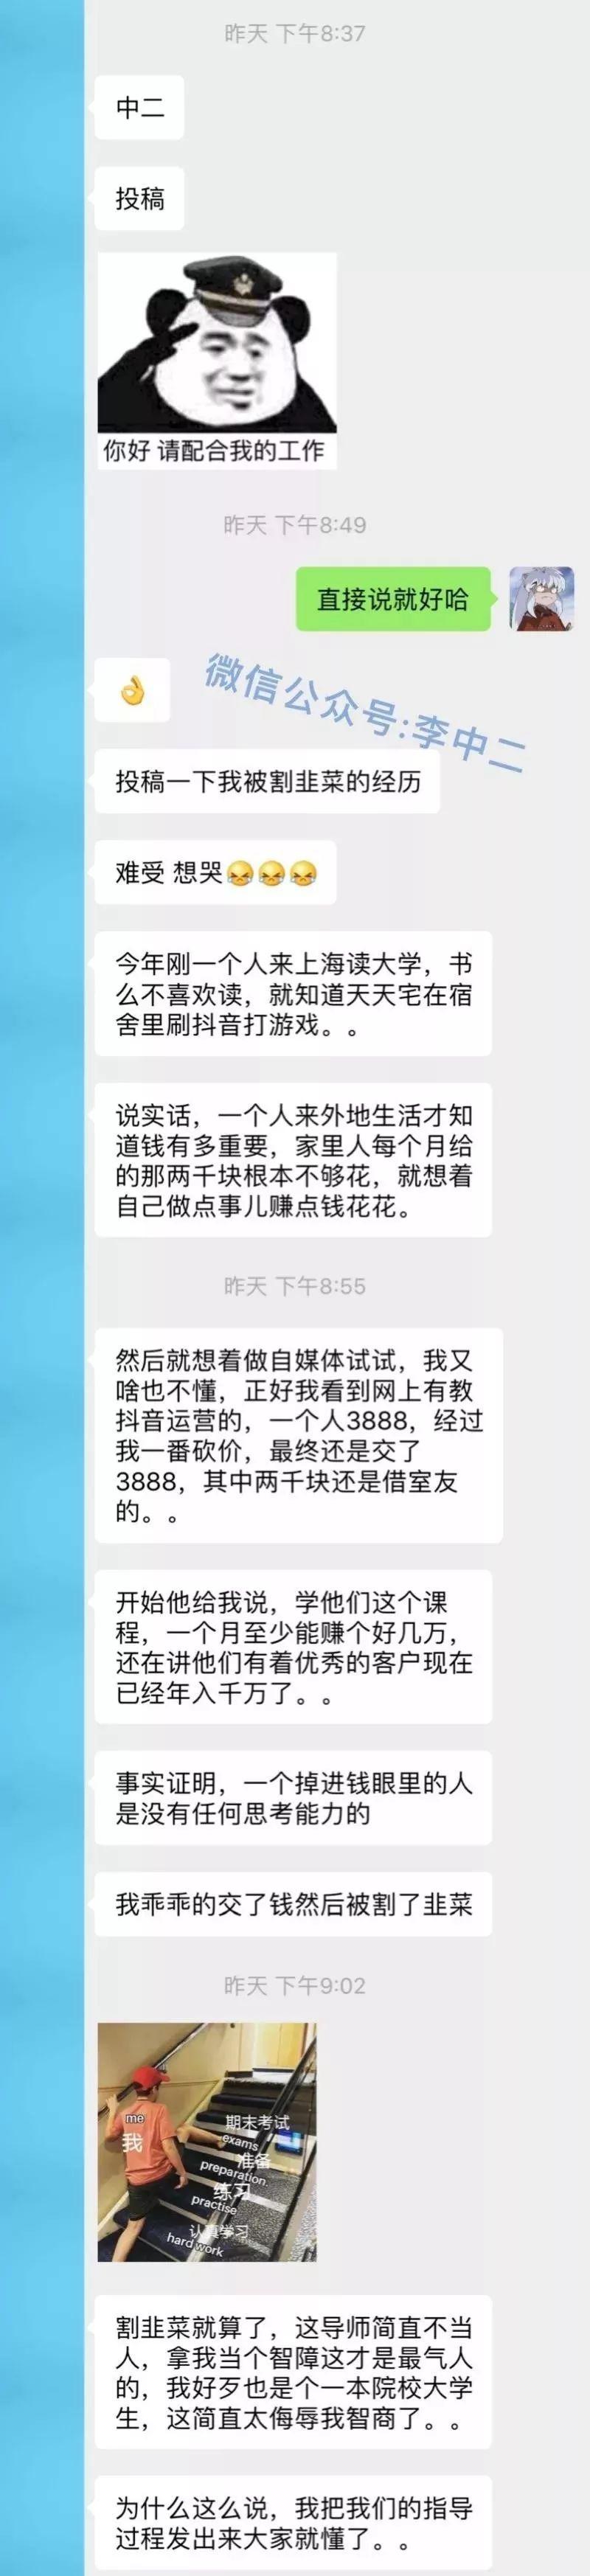 P2P交流-投资理财潘金莲遇上了西门庆:新媒体大V刷量之争的本质理财平台(7)